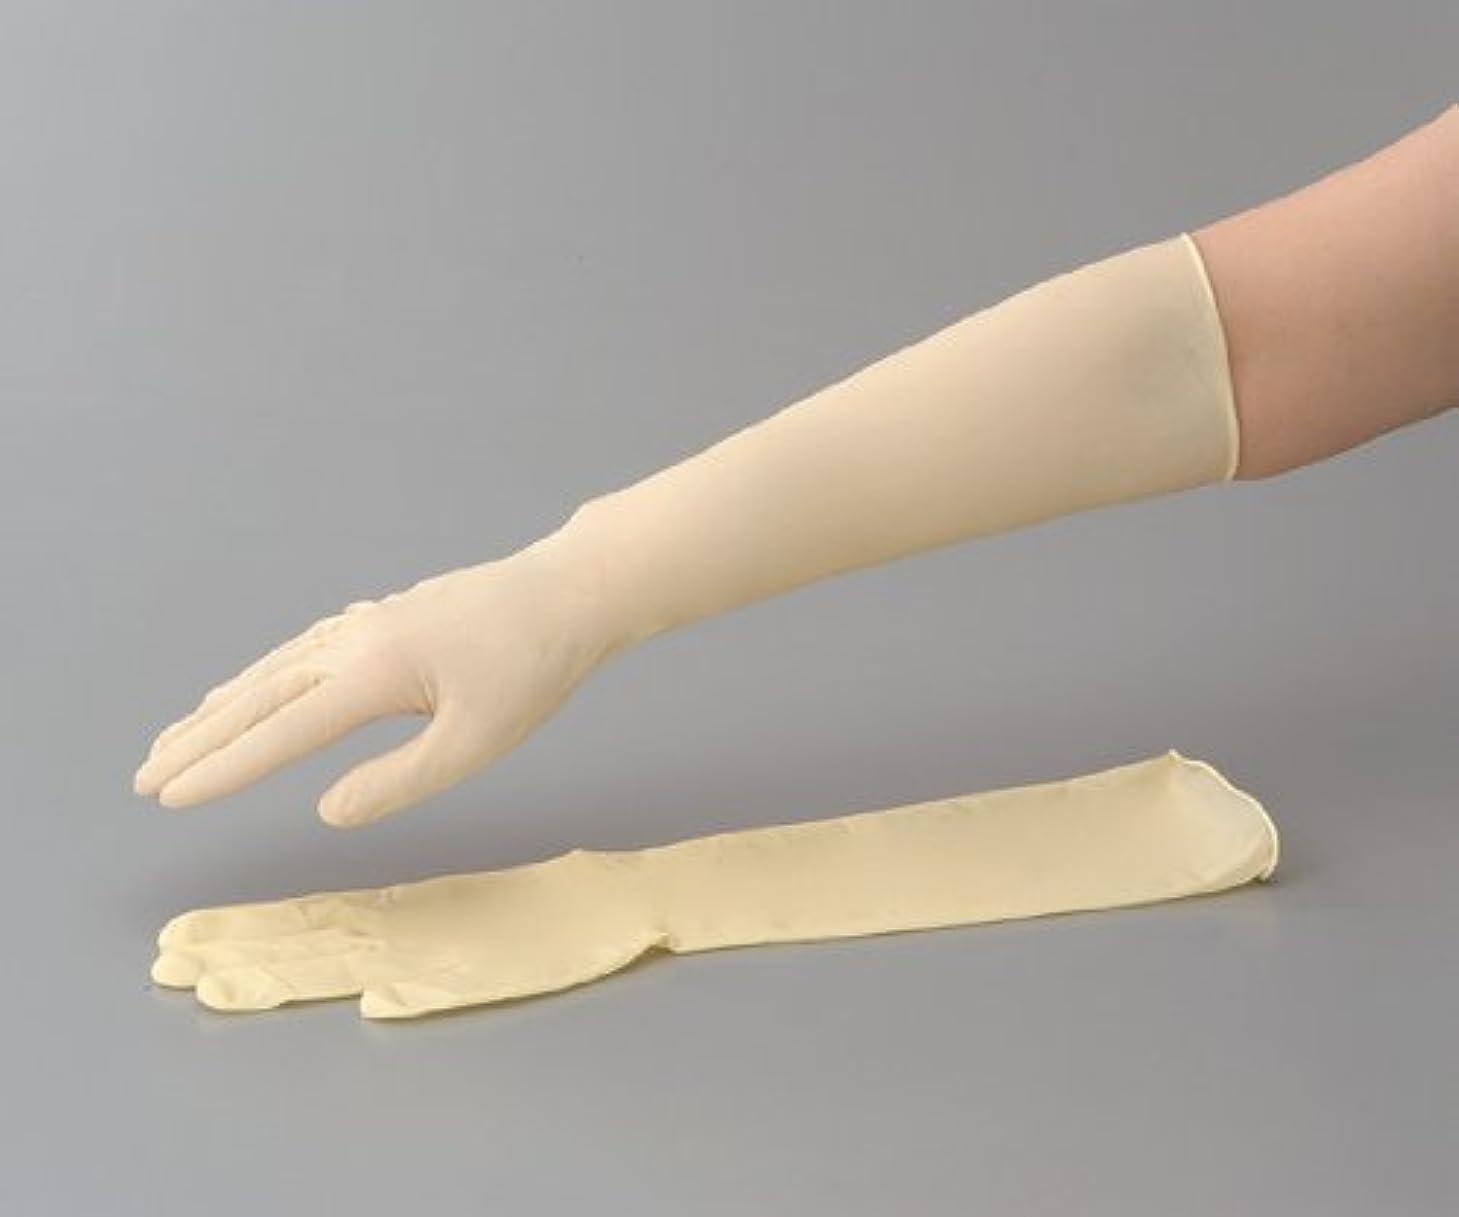 アルプス半ばここにラテックスロング手袋(スーパーロング) No.336 M 1袋(50枚入)